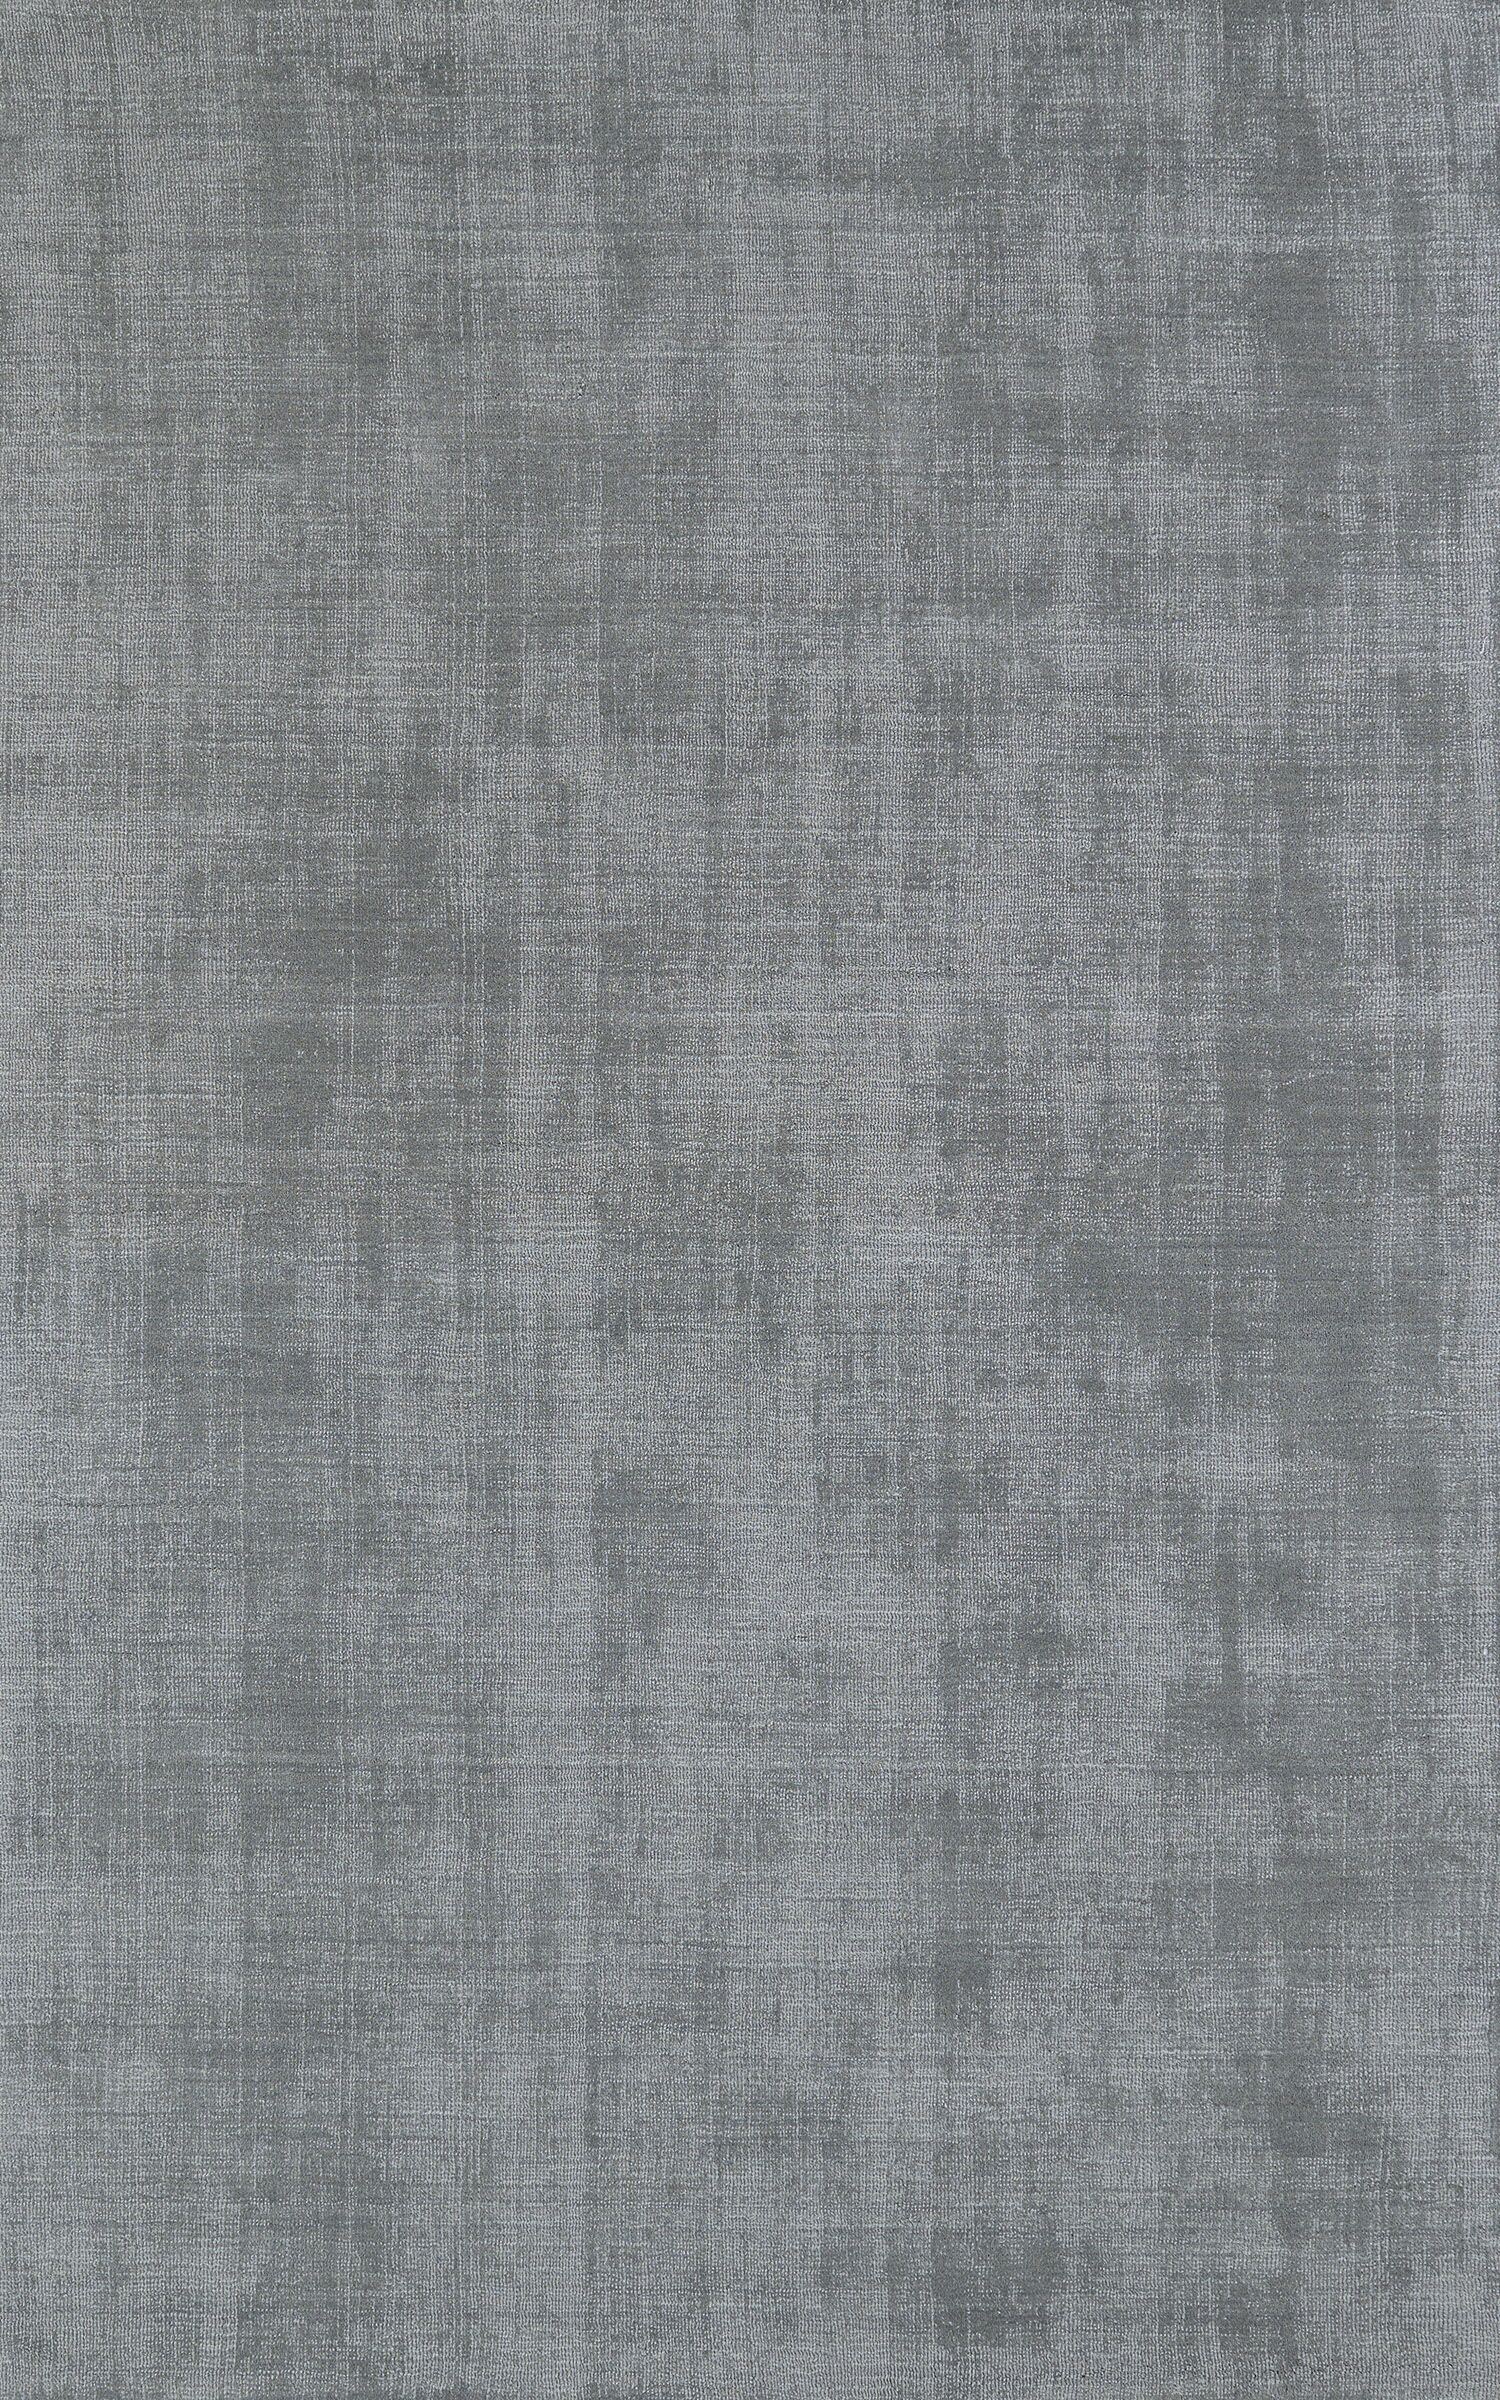 Tasha Silver Area Rug Rug Size: 5' x 7'6